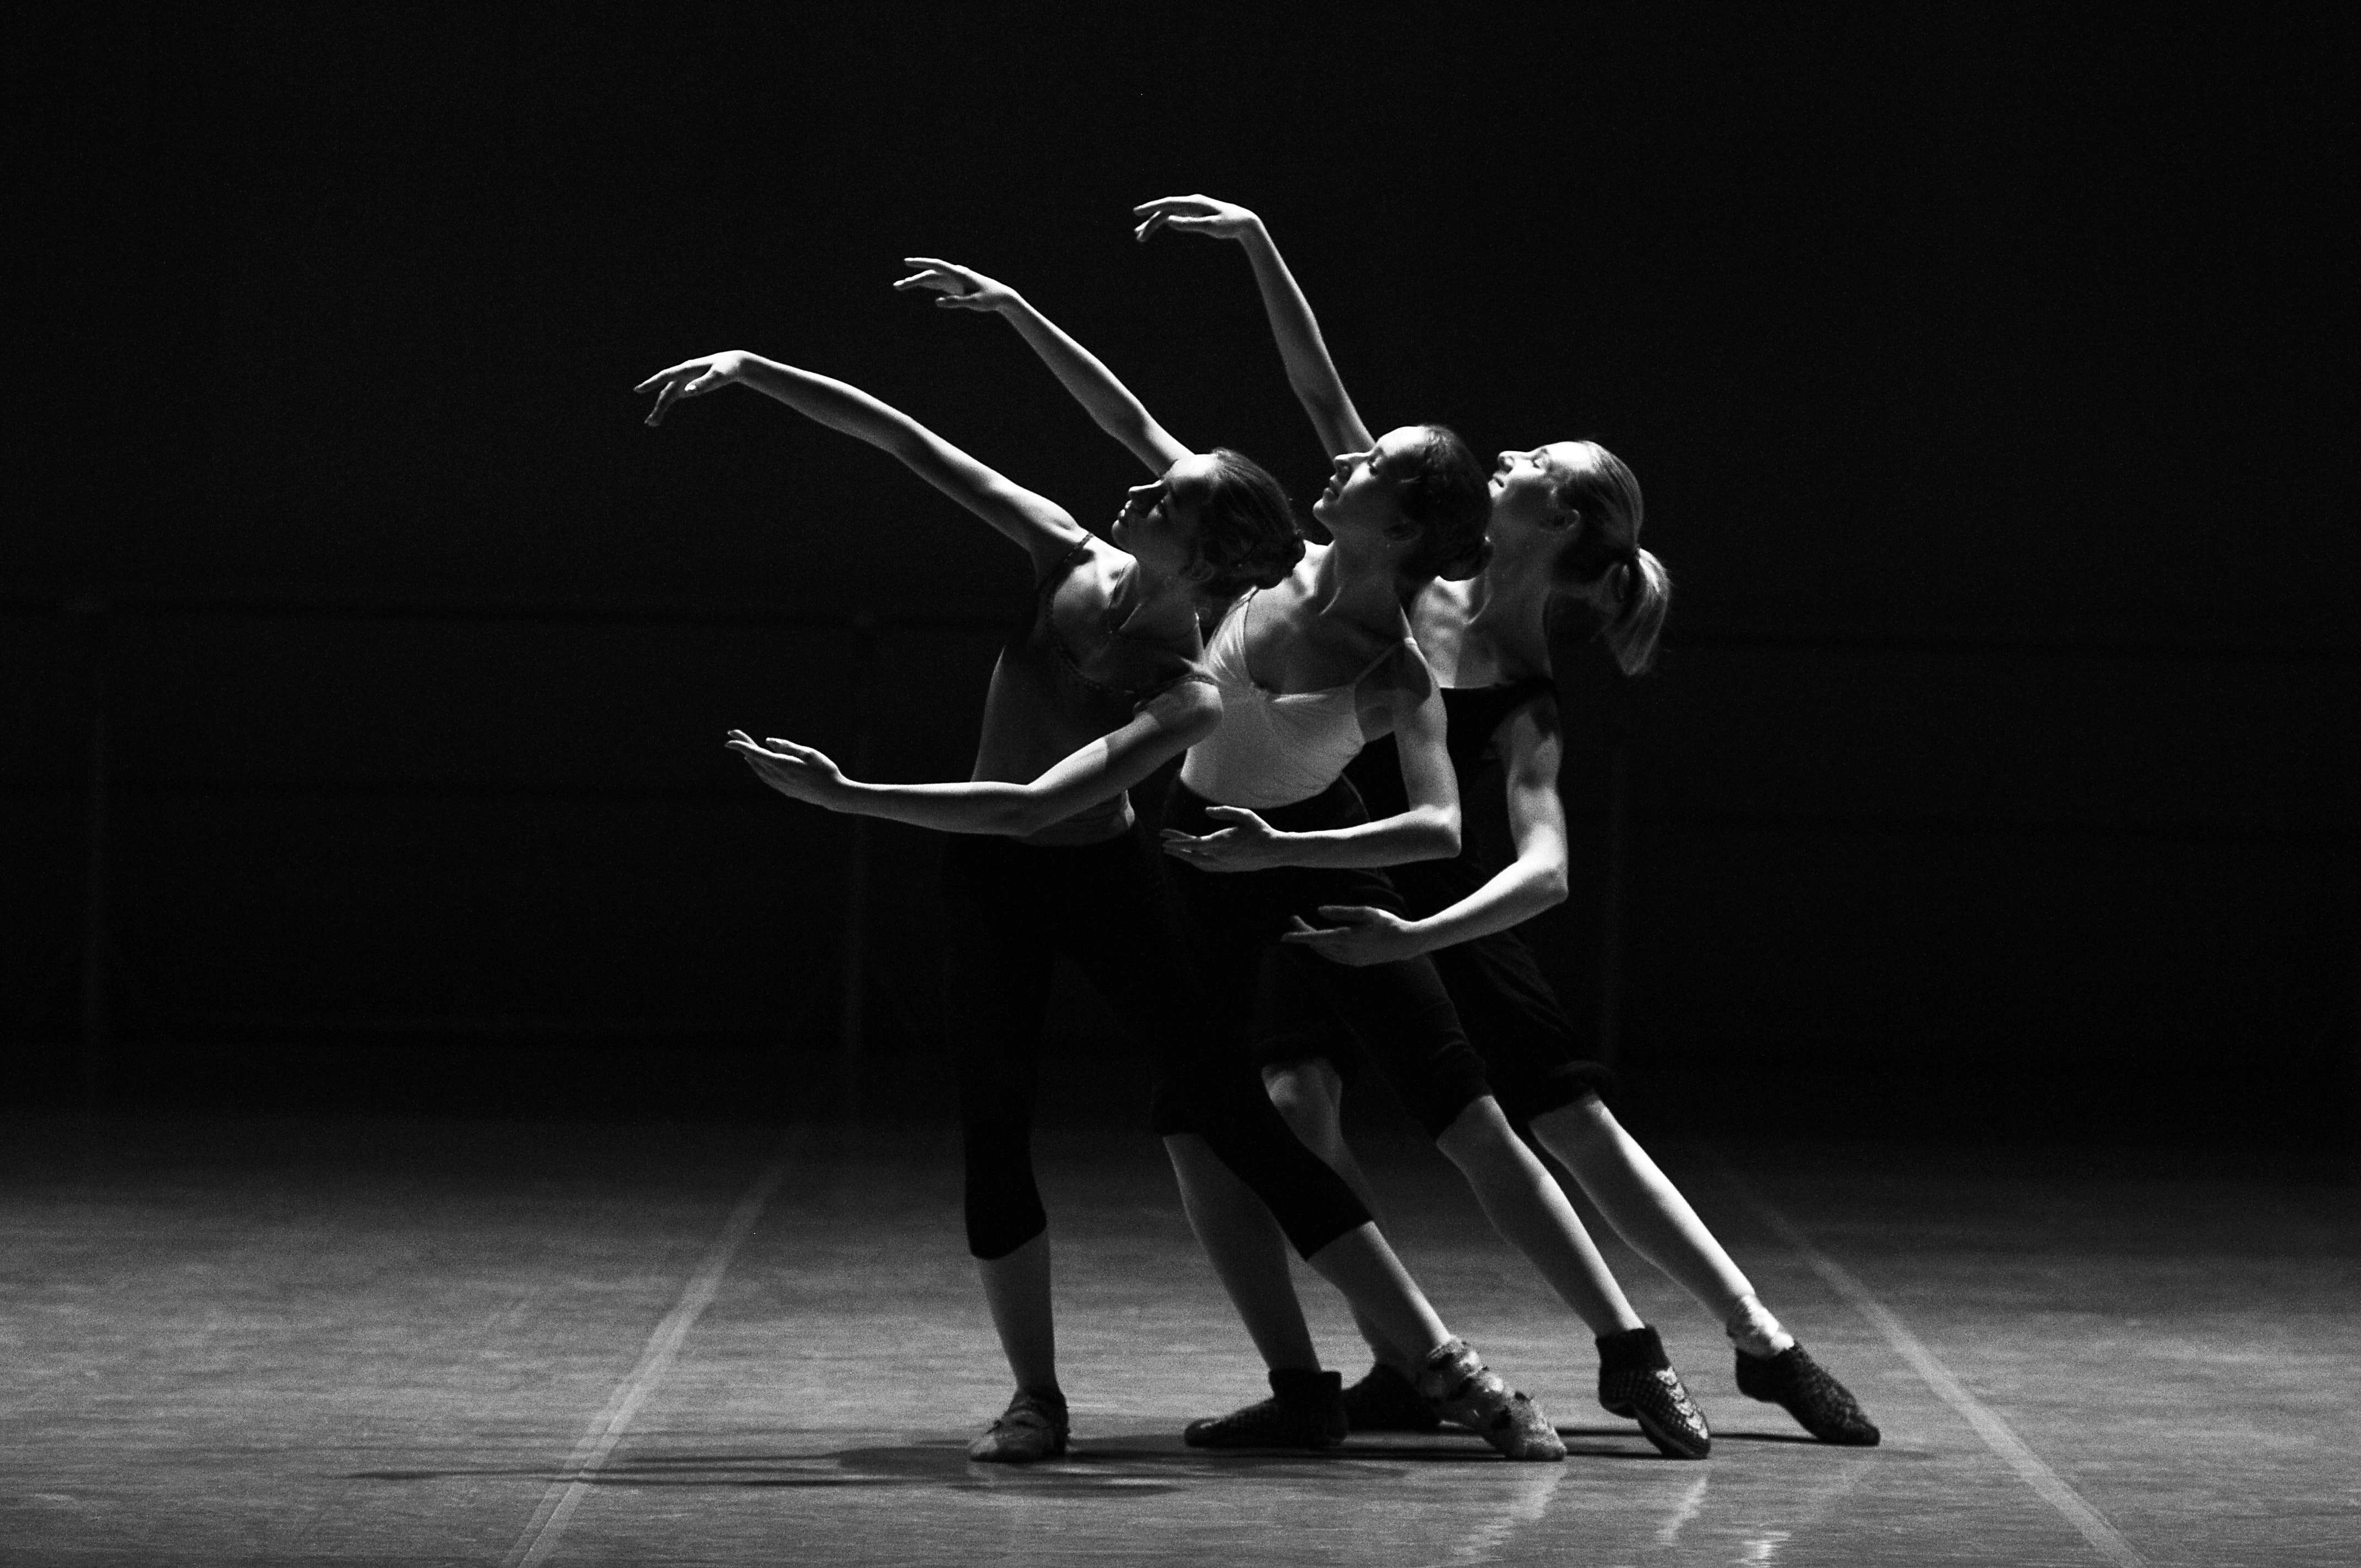 adult-art-ballerina-209948